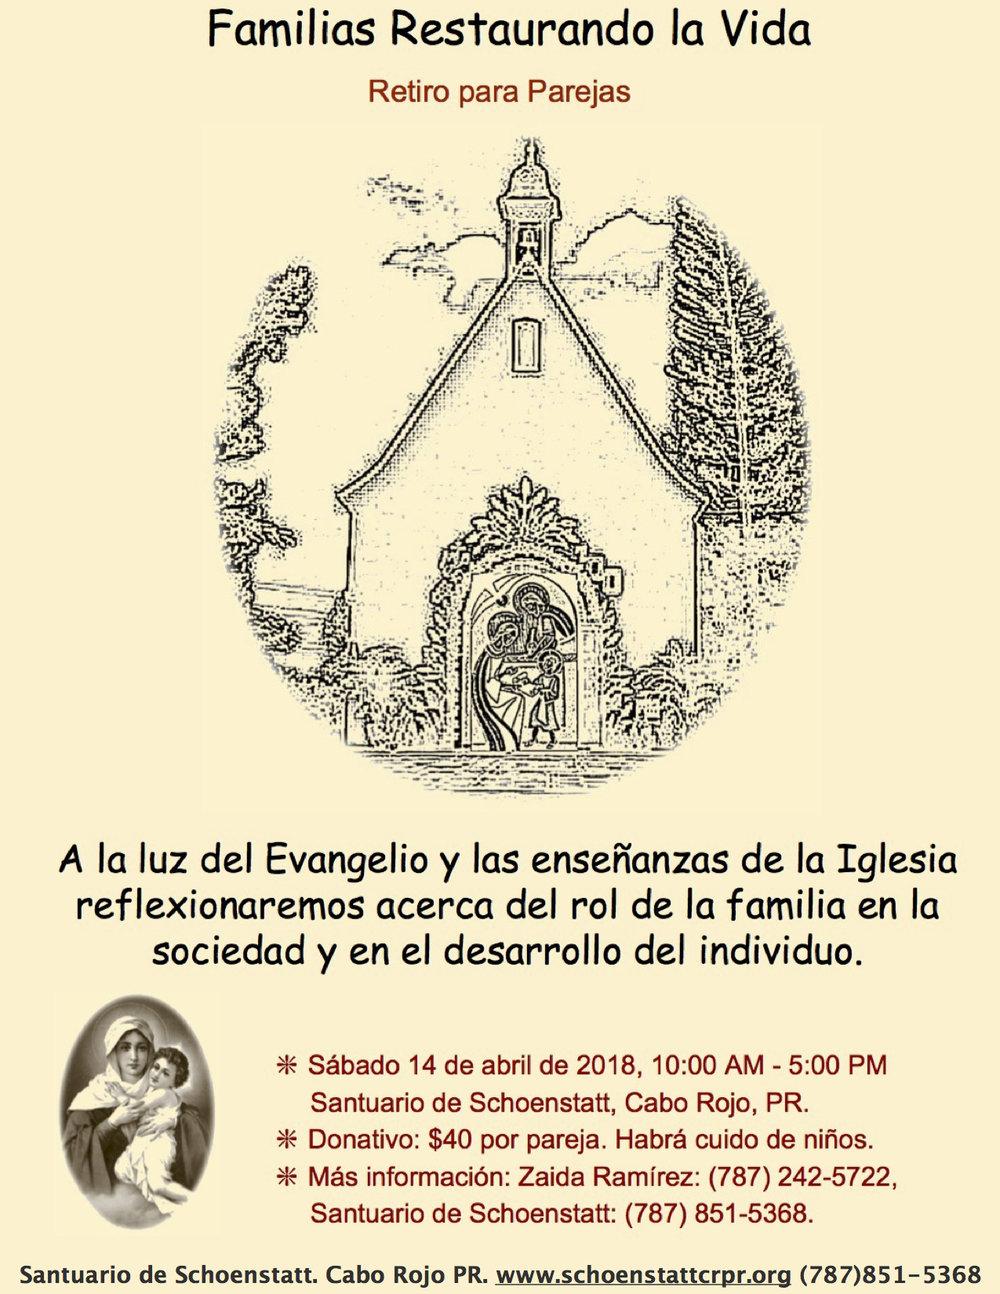 Flyer Retiro Familias Restaurando la Vida.jpg